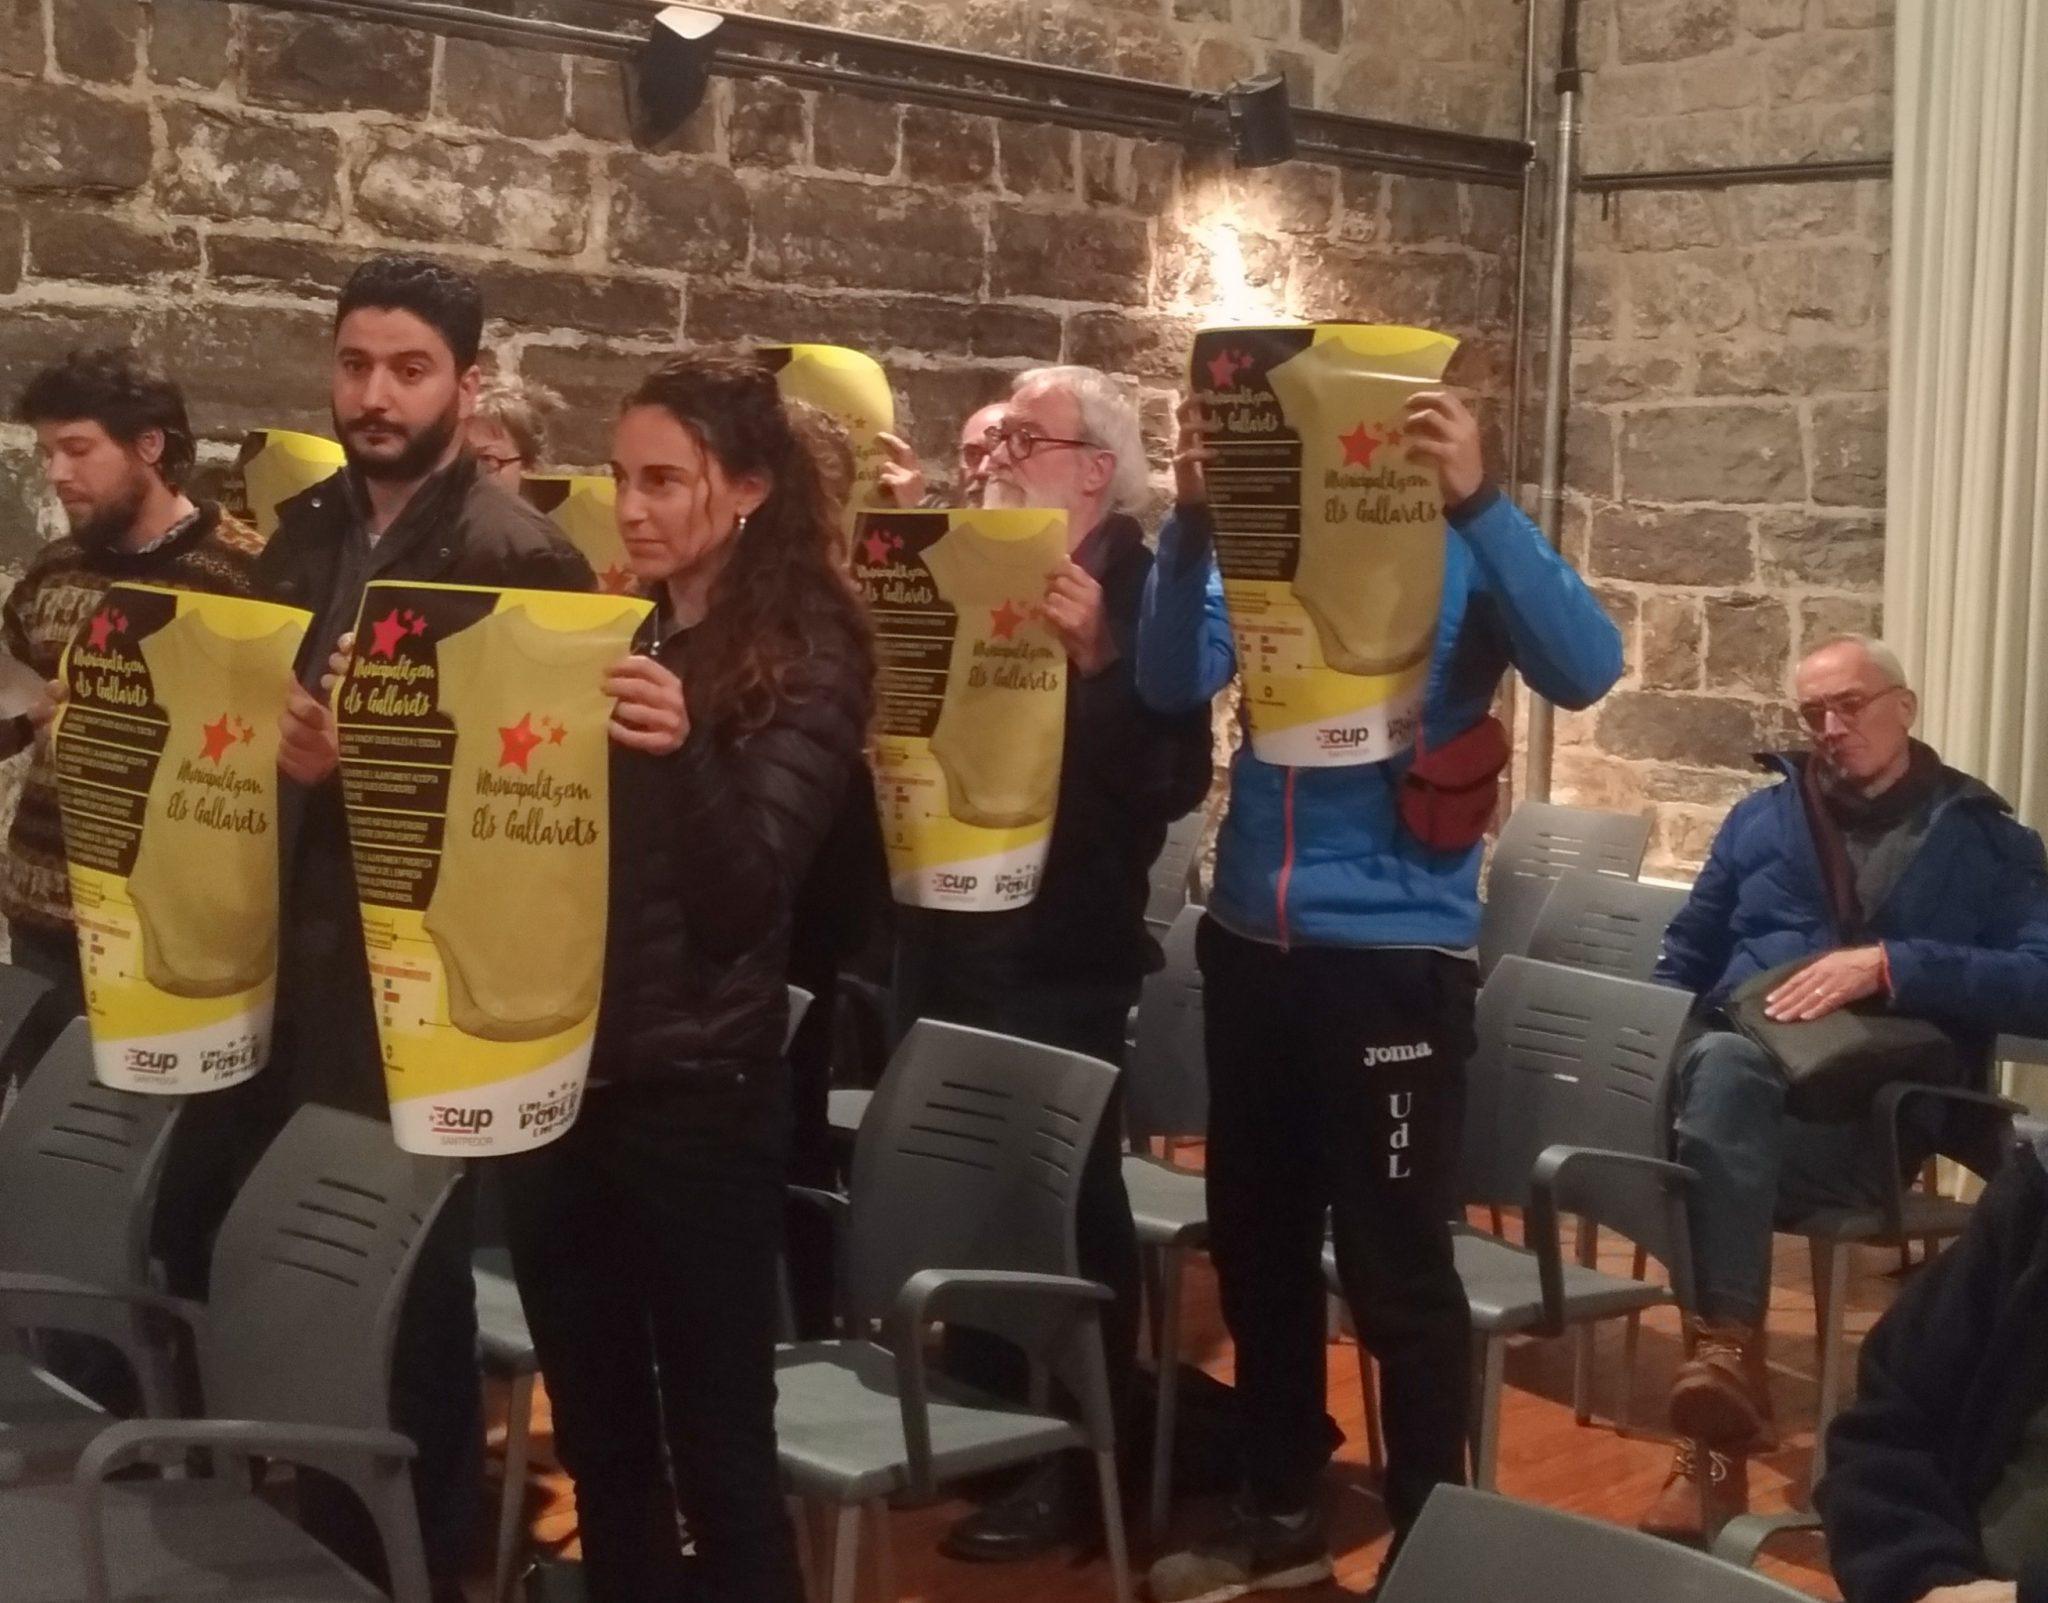 La CUP Santpedor protesta al ple per la retirada de cartells sobre Els Gallarets